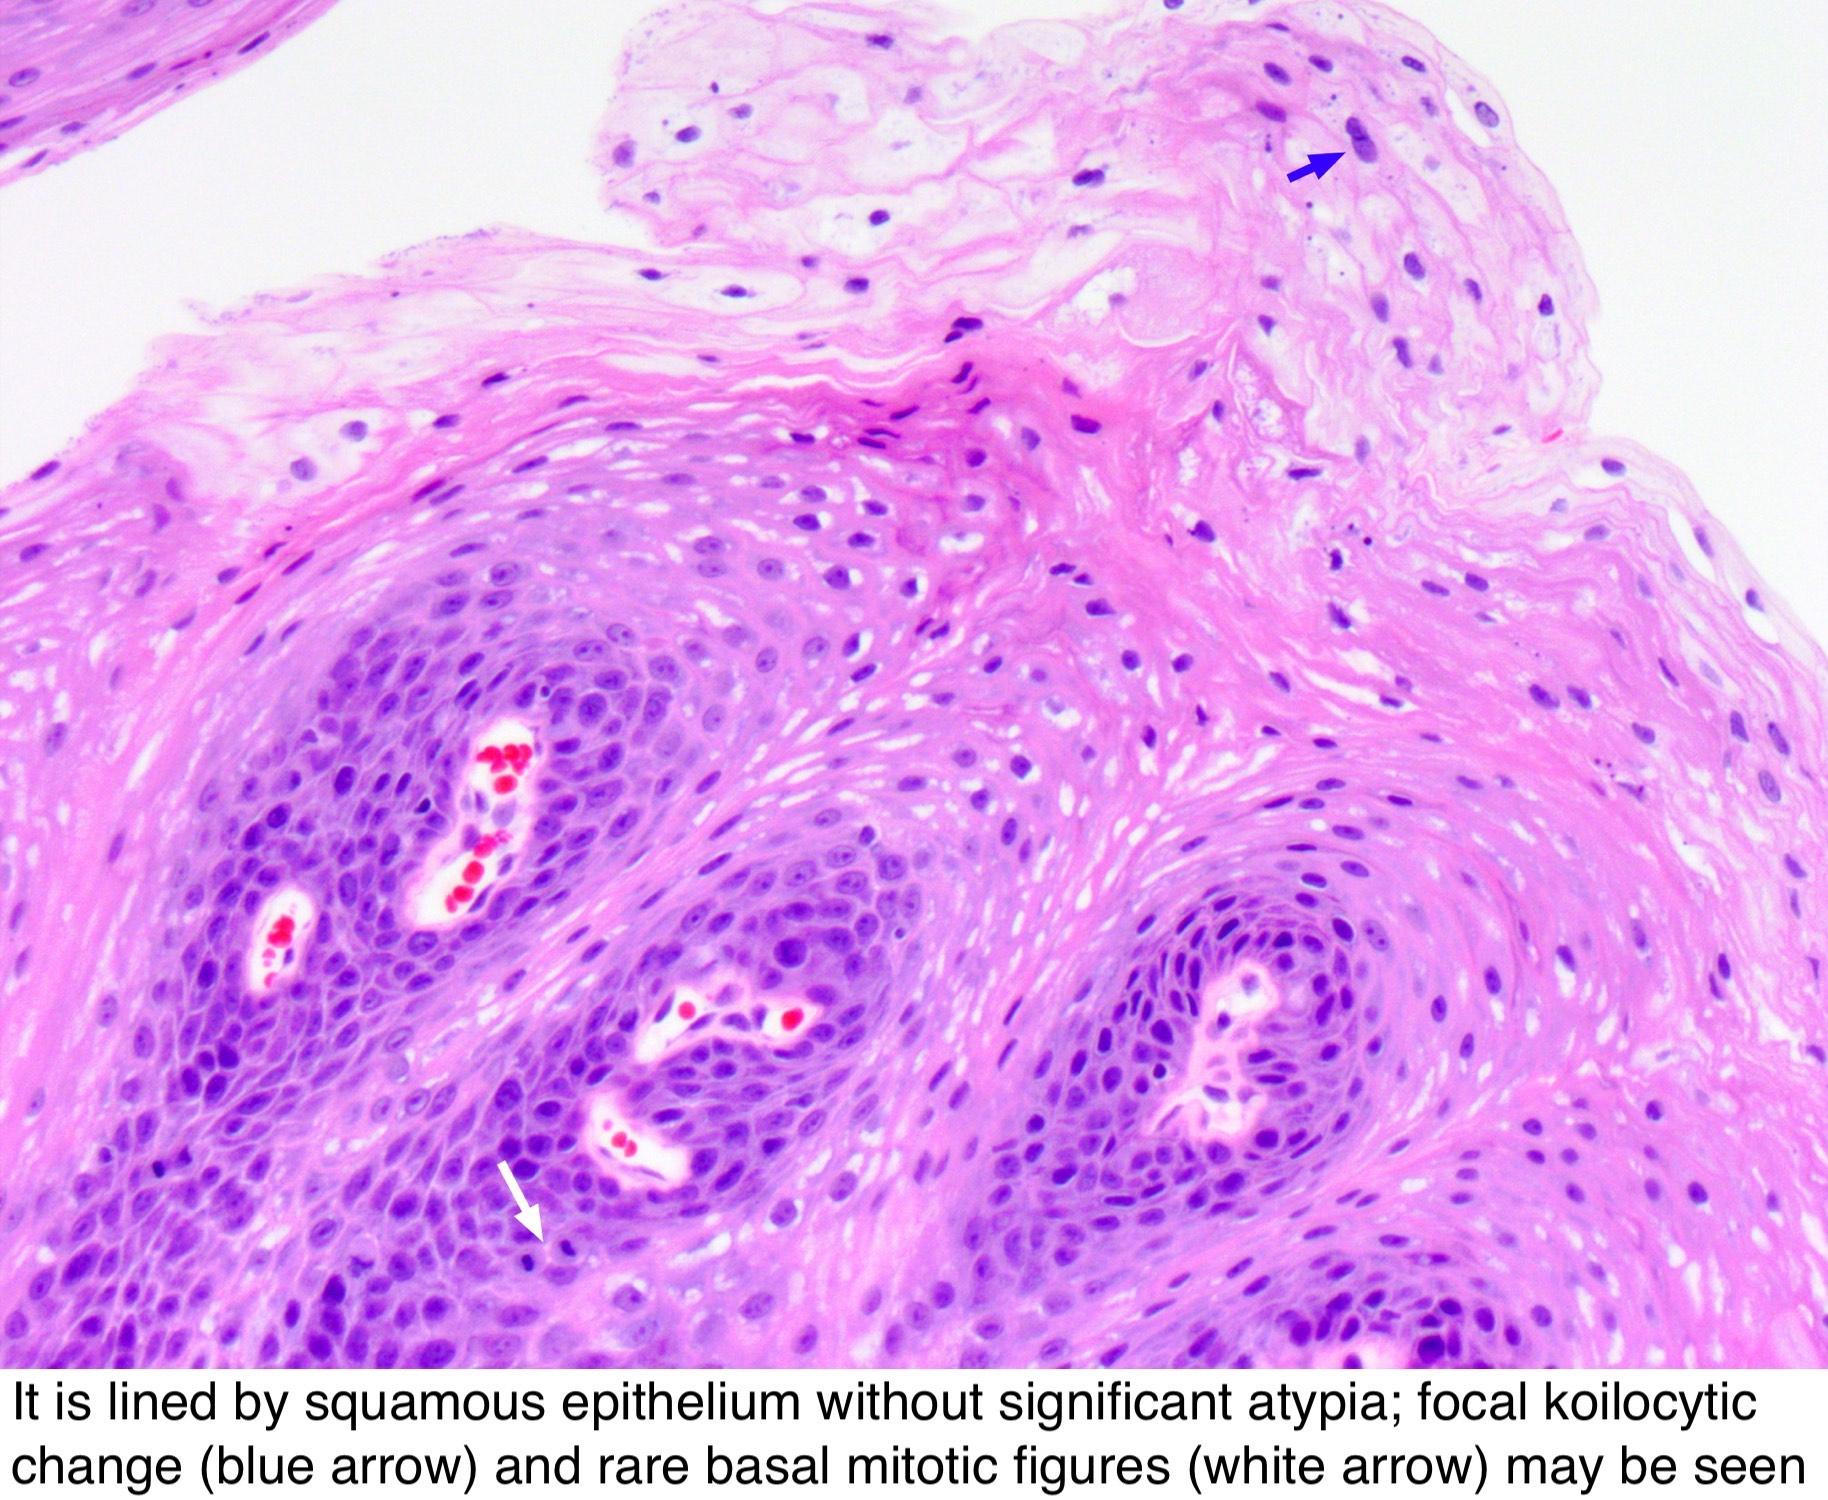 Sensul mucoasei scuamoase cu hiperplazie epitelială